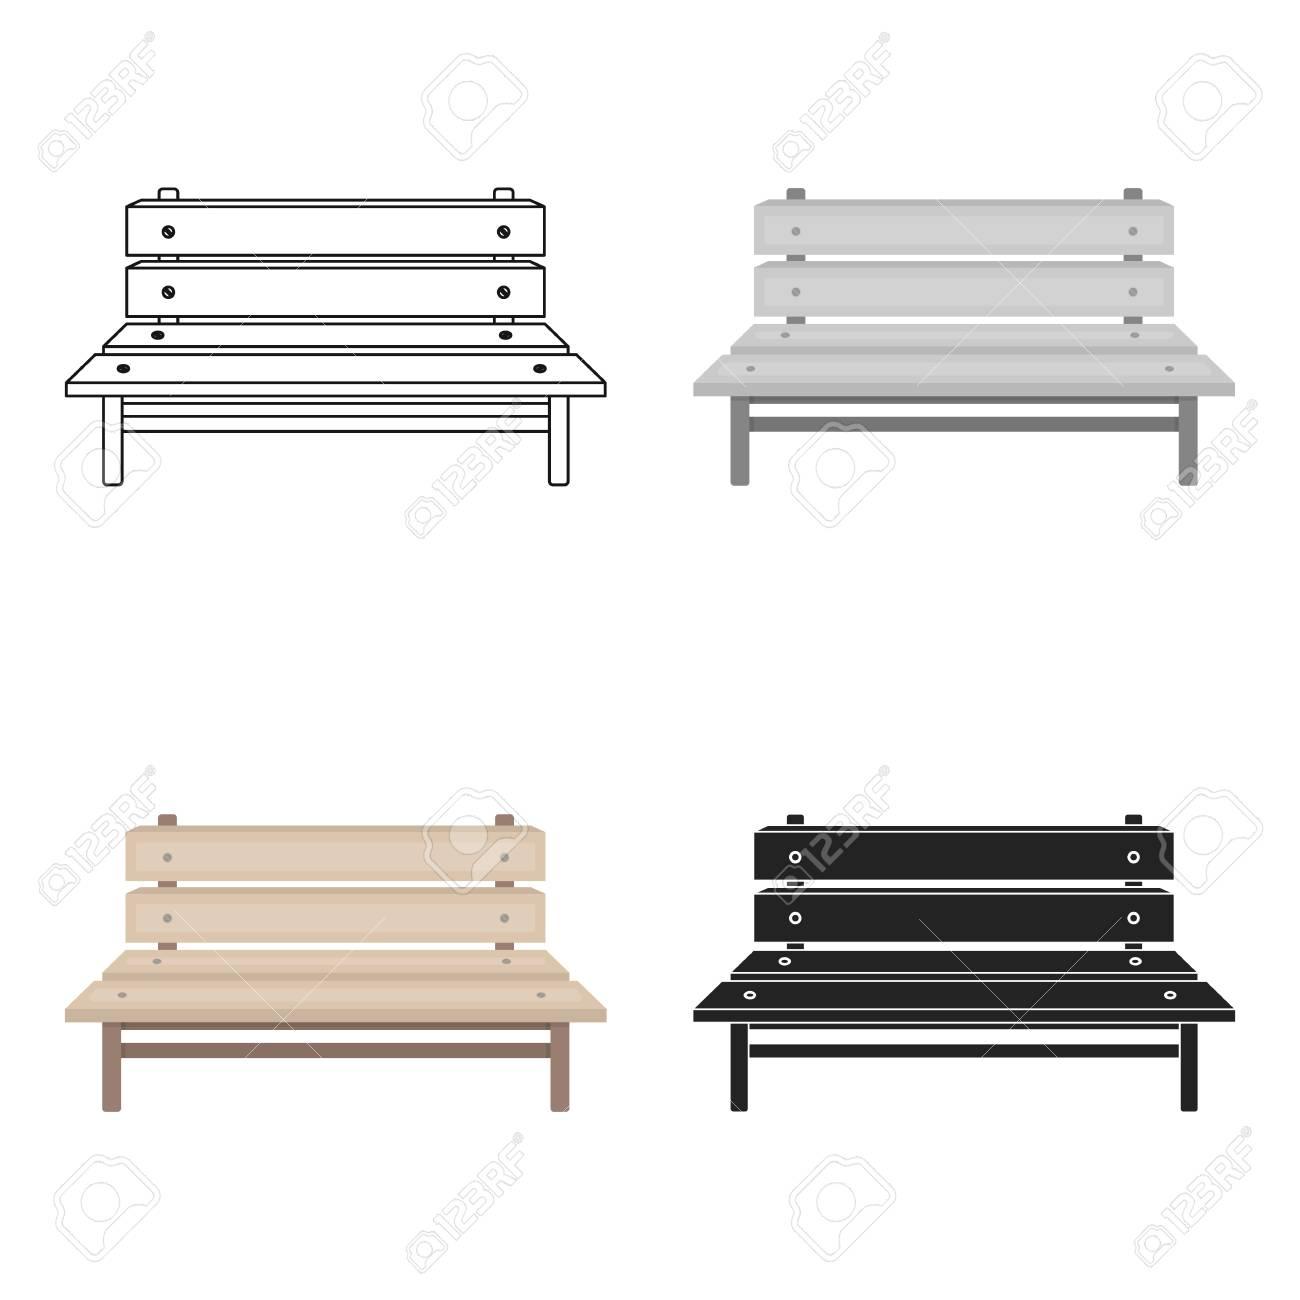 Icône de banc en style cartoon isolé sur fond blanc. Illustration de vecteur stock symbole parc.